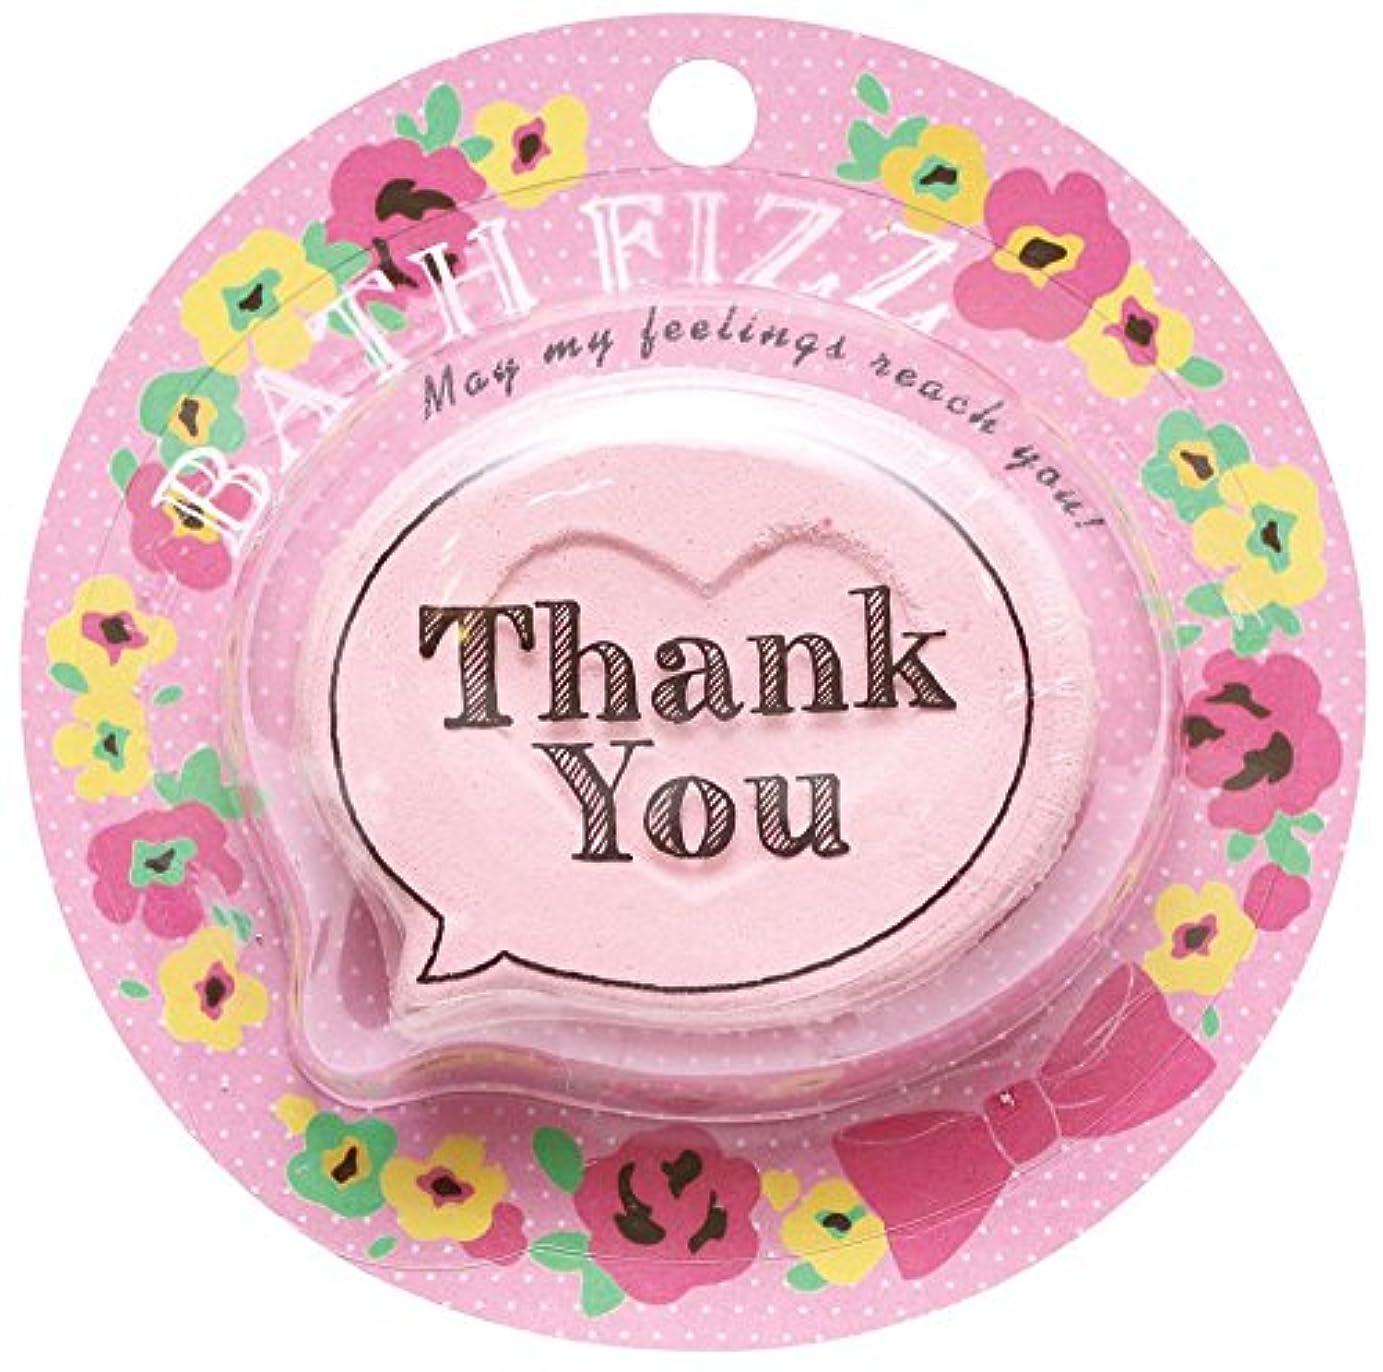 包帯容器アークノルコーポレーション 入浴剤 バスフィズ メッセージフィズ サンキュー 30g ローズの香り OB-MSF-1-2